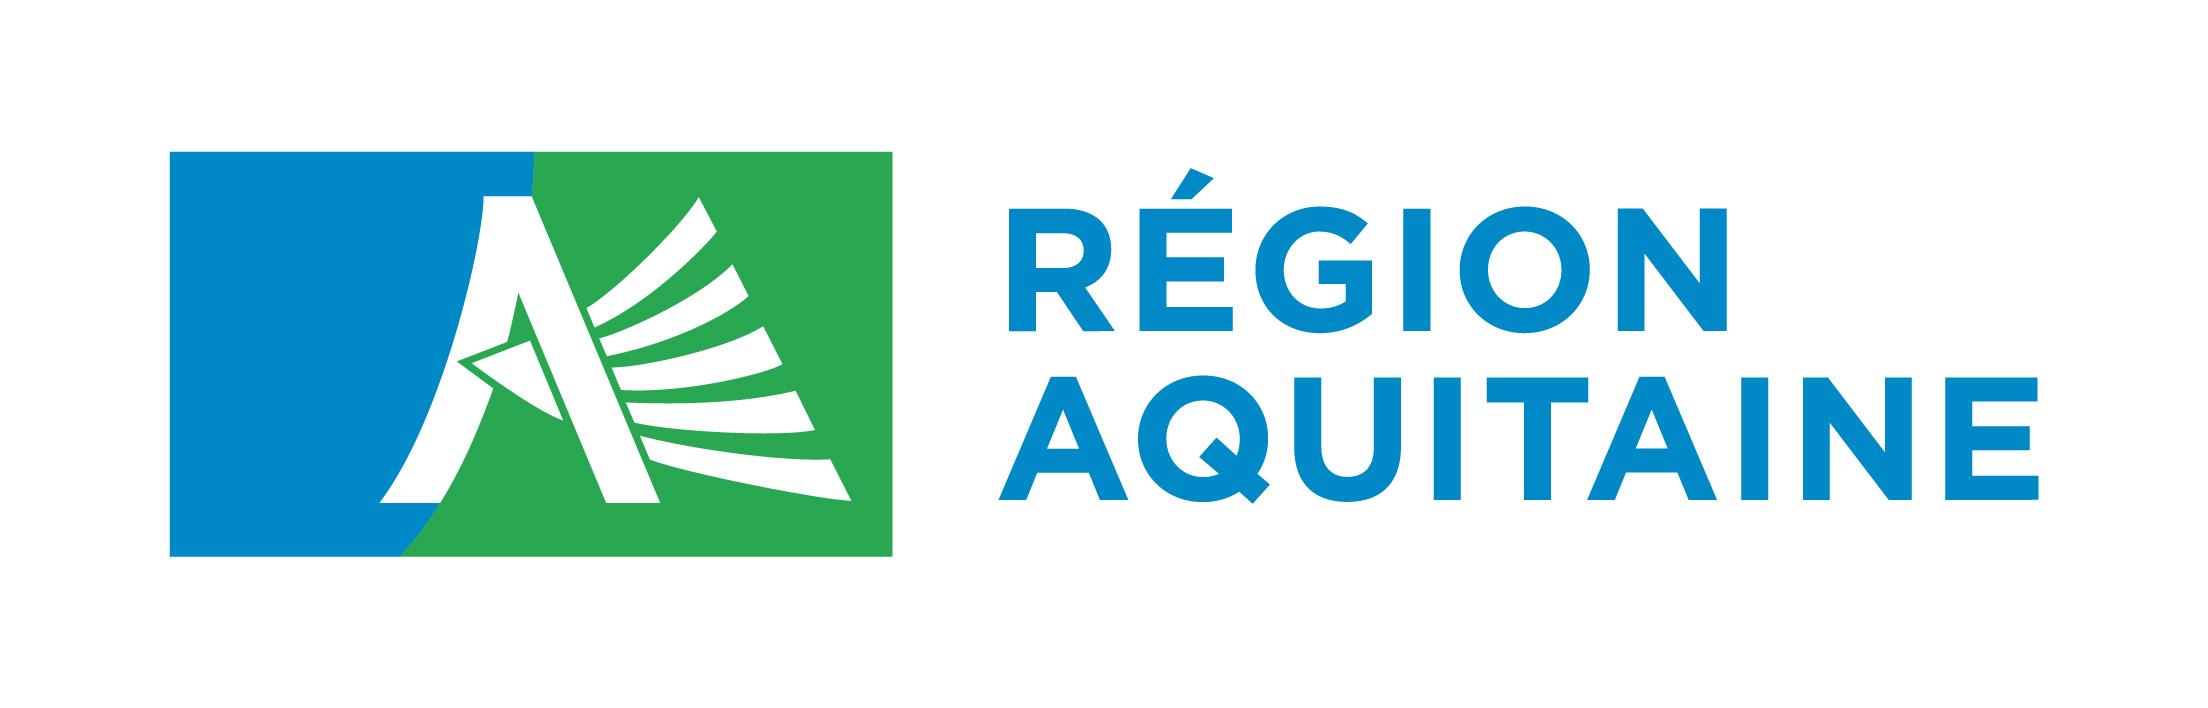 LogoRegionAquitaine-Horizontal-2